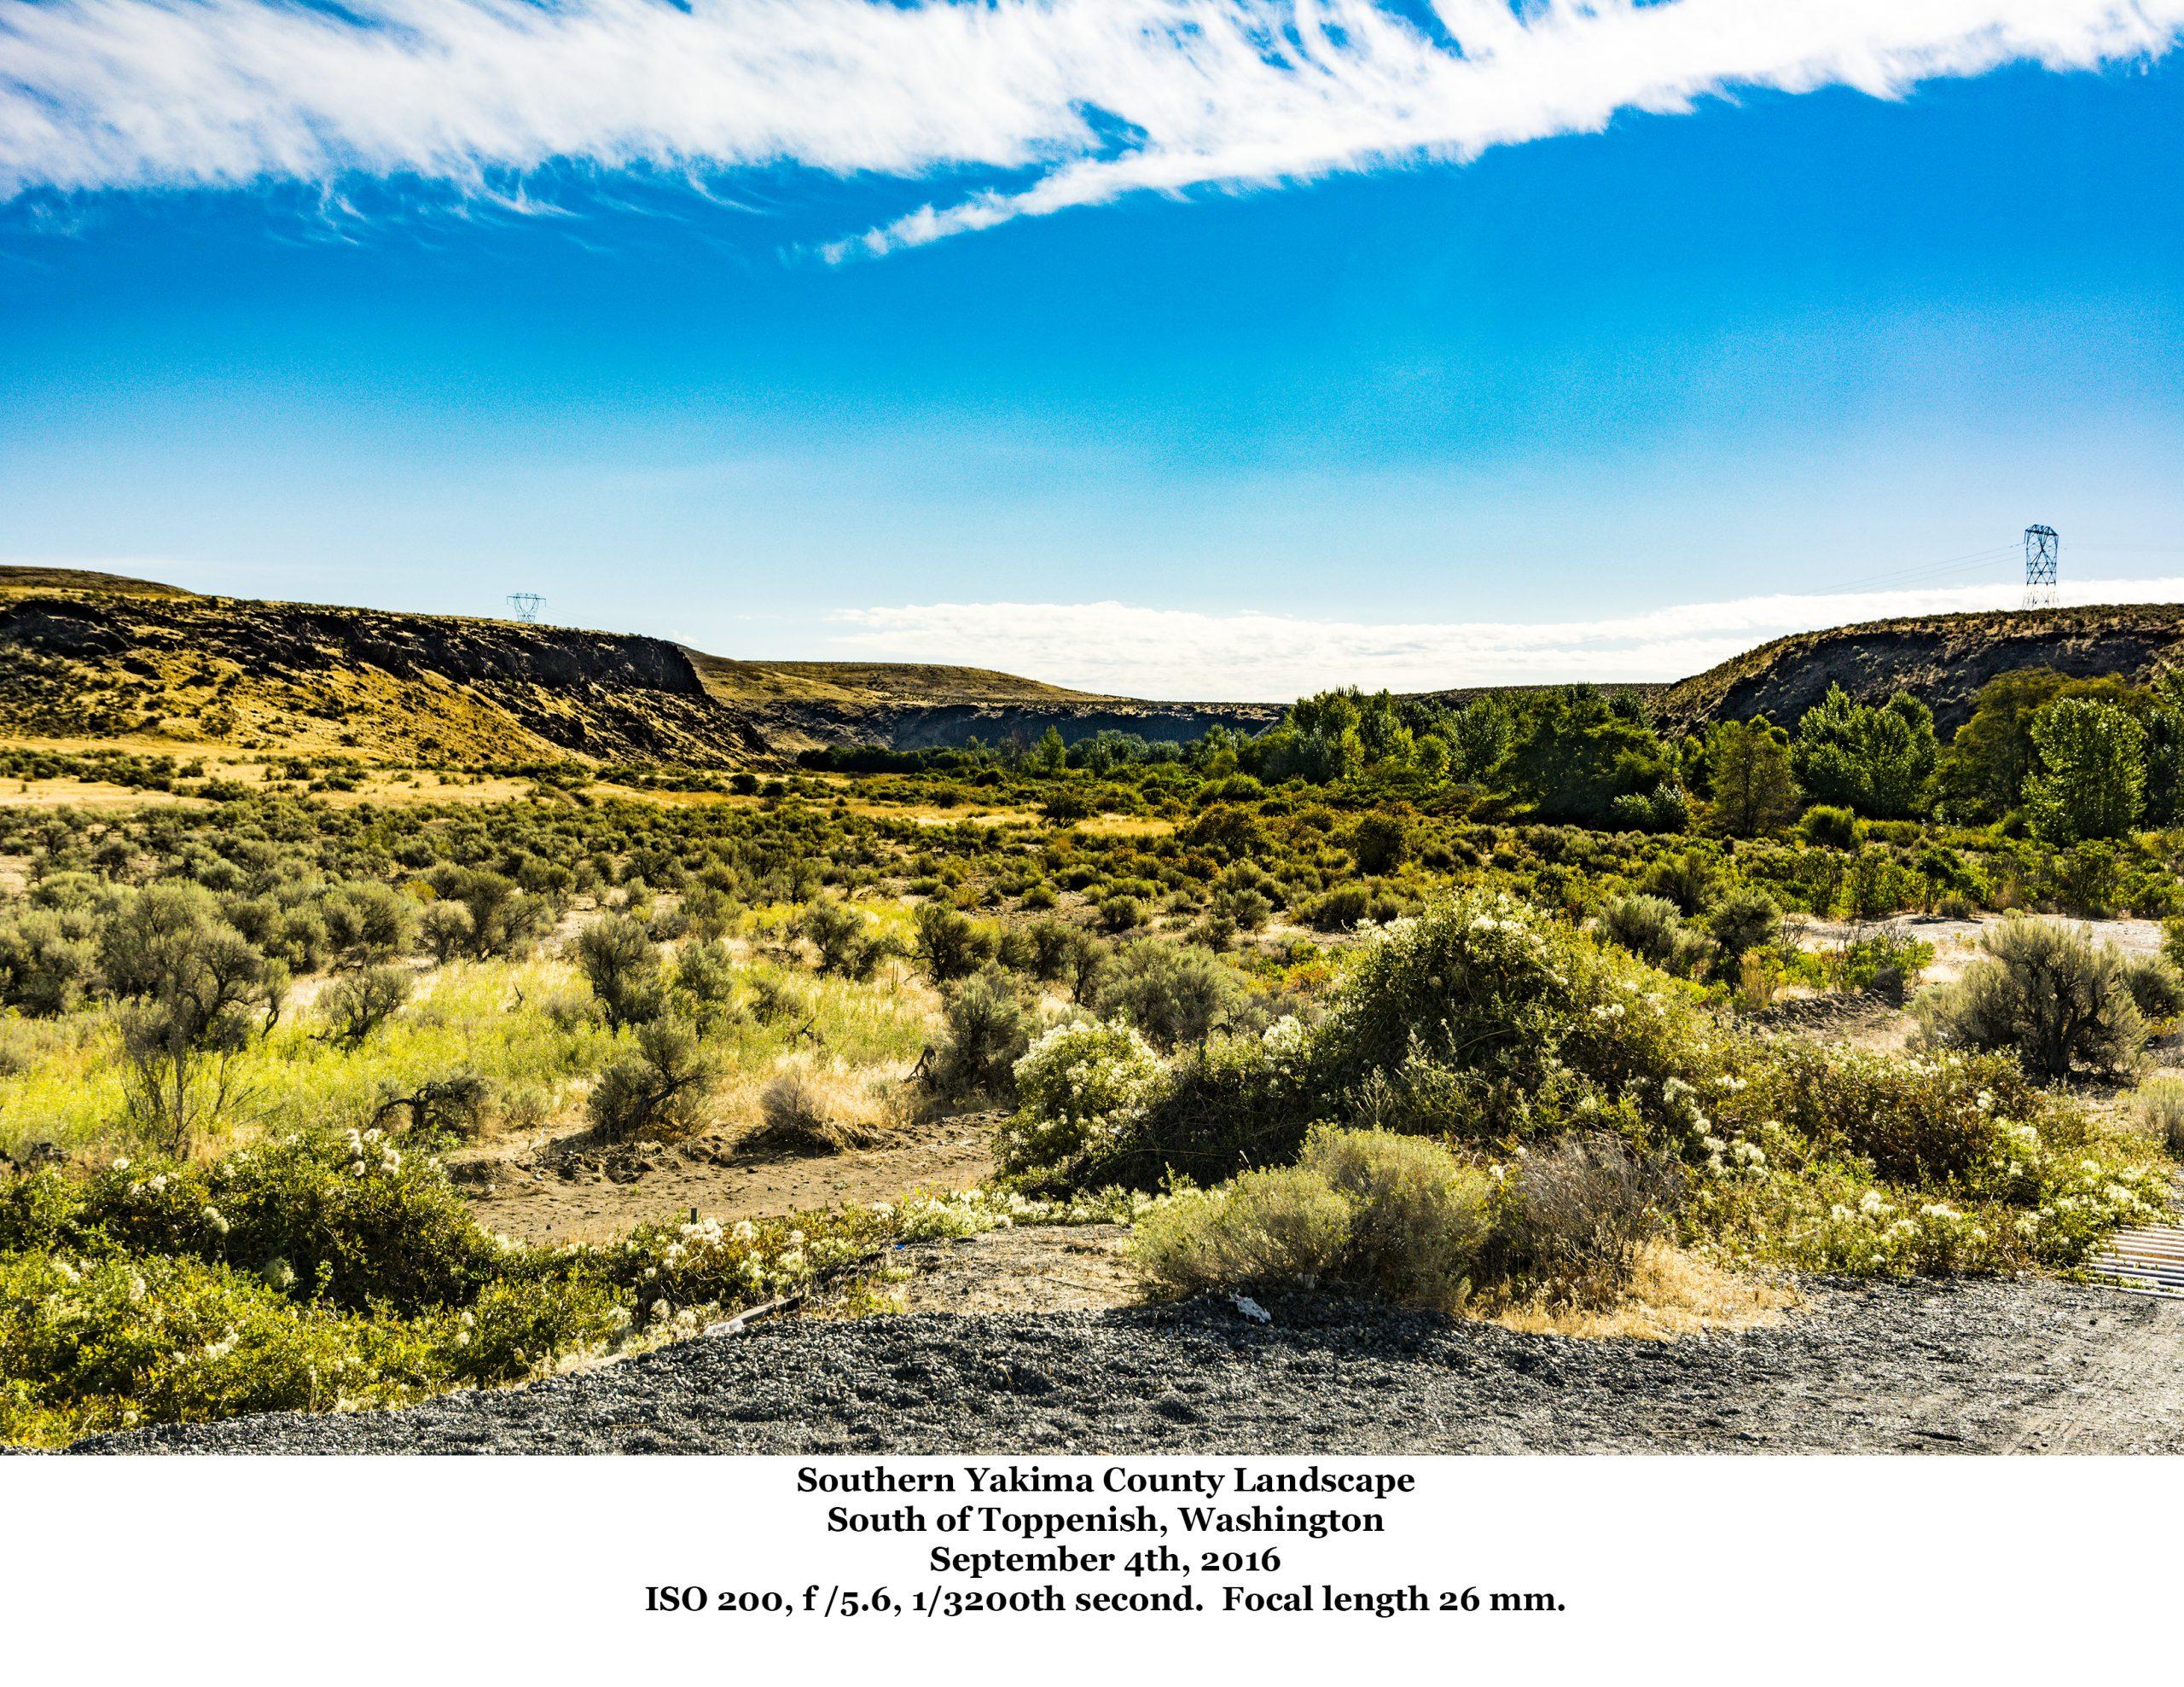 Southern Yakima County Landscape